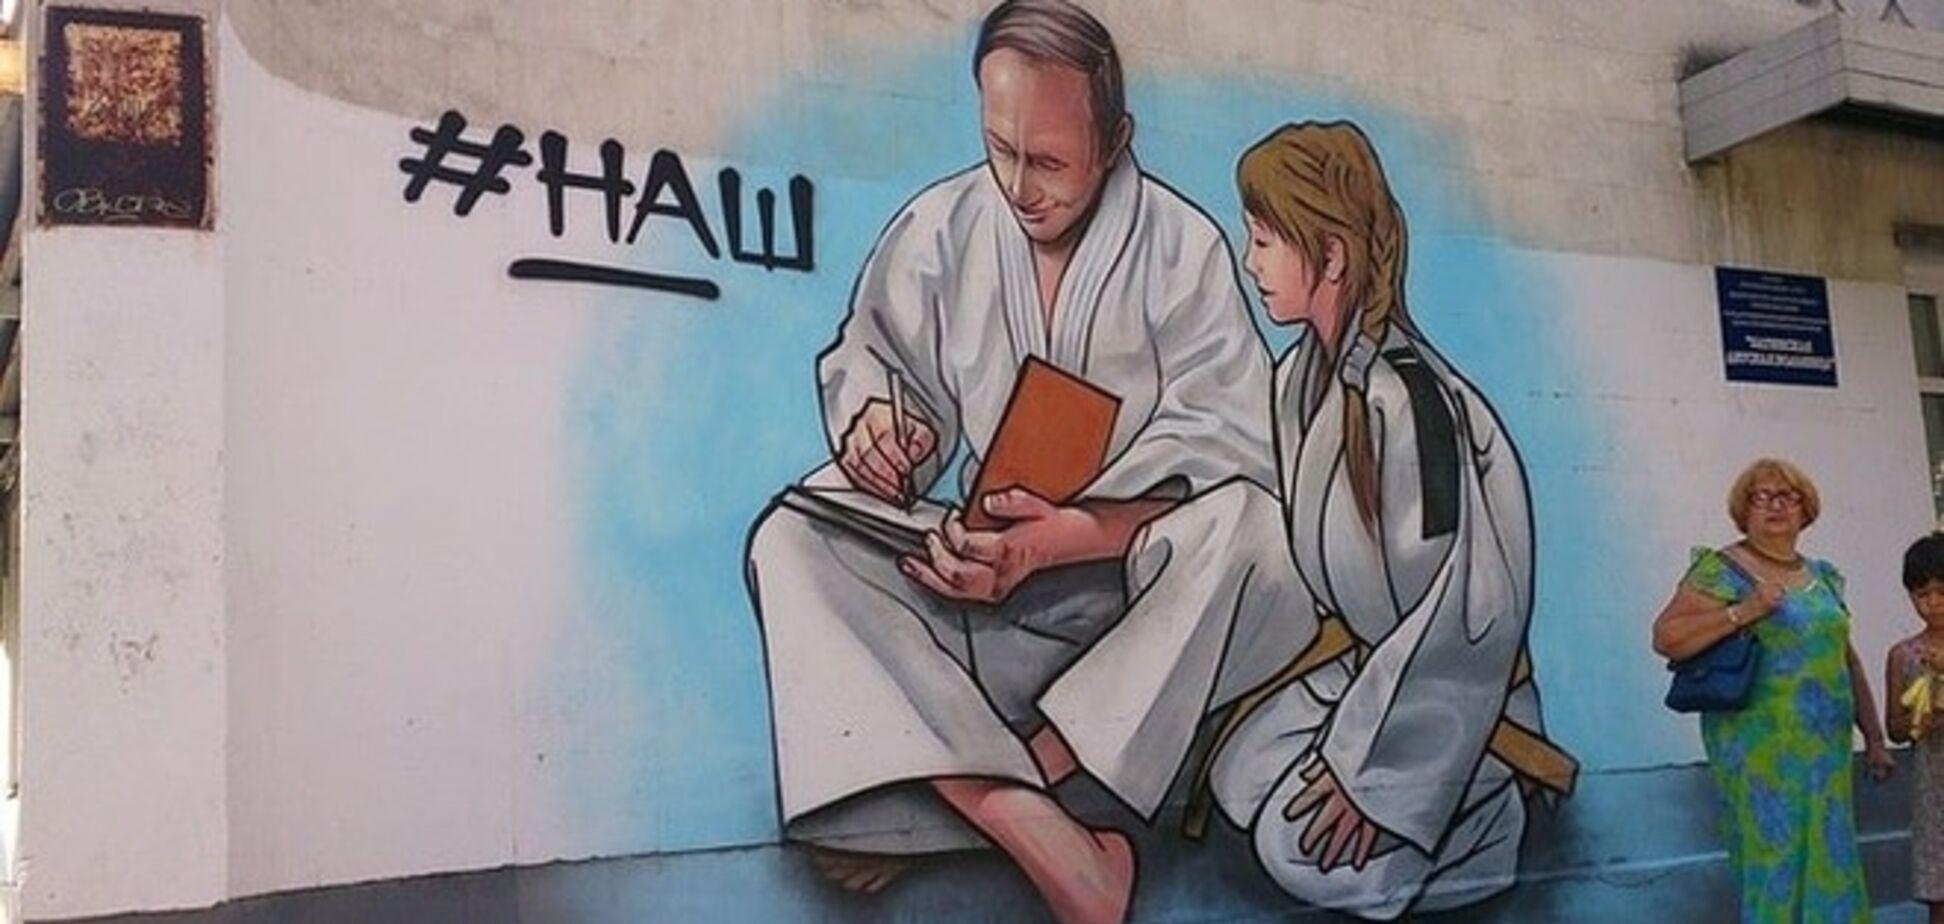 КрымНаш: в Ялте больницу 'отремонтировали' портретом Путина в кимоно. Фотофакт